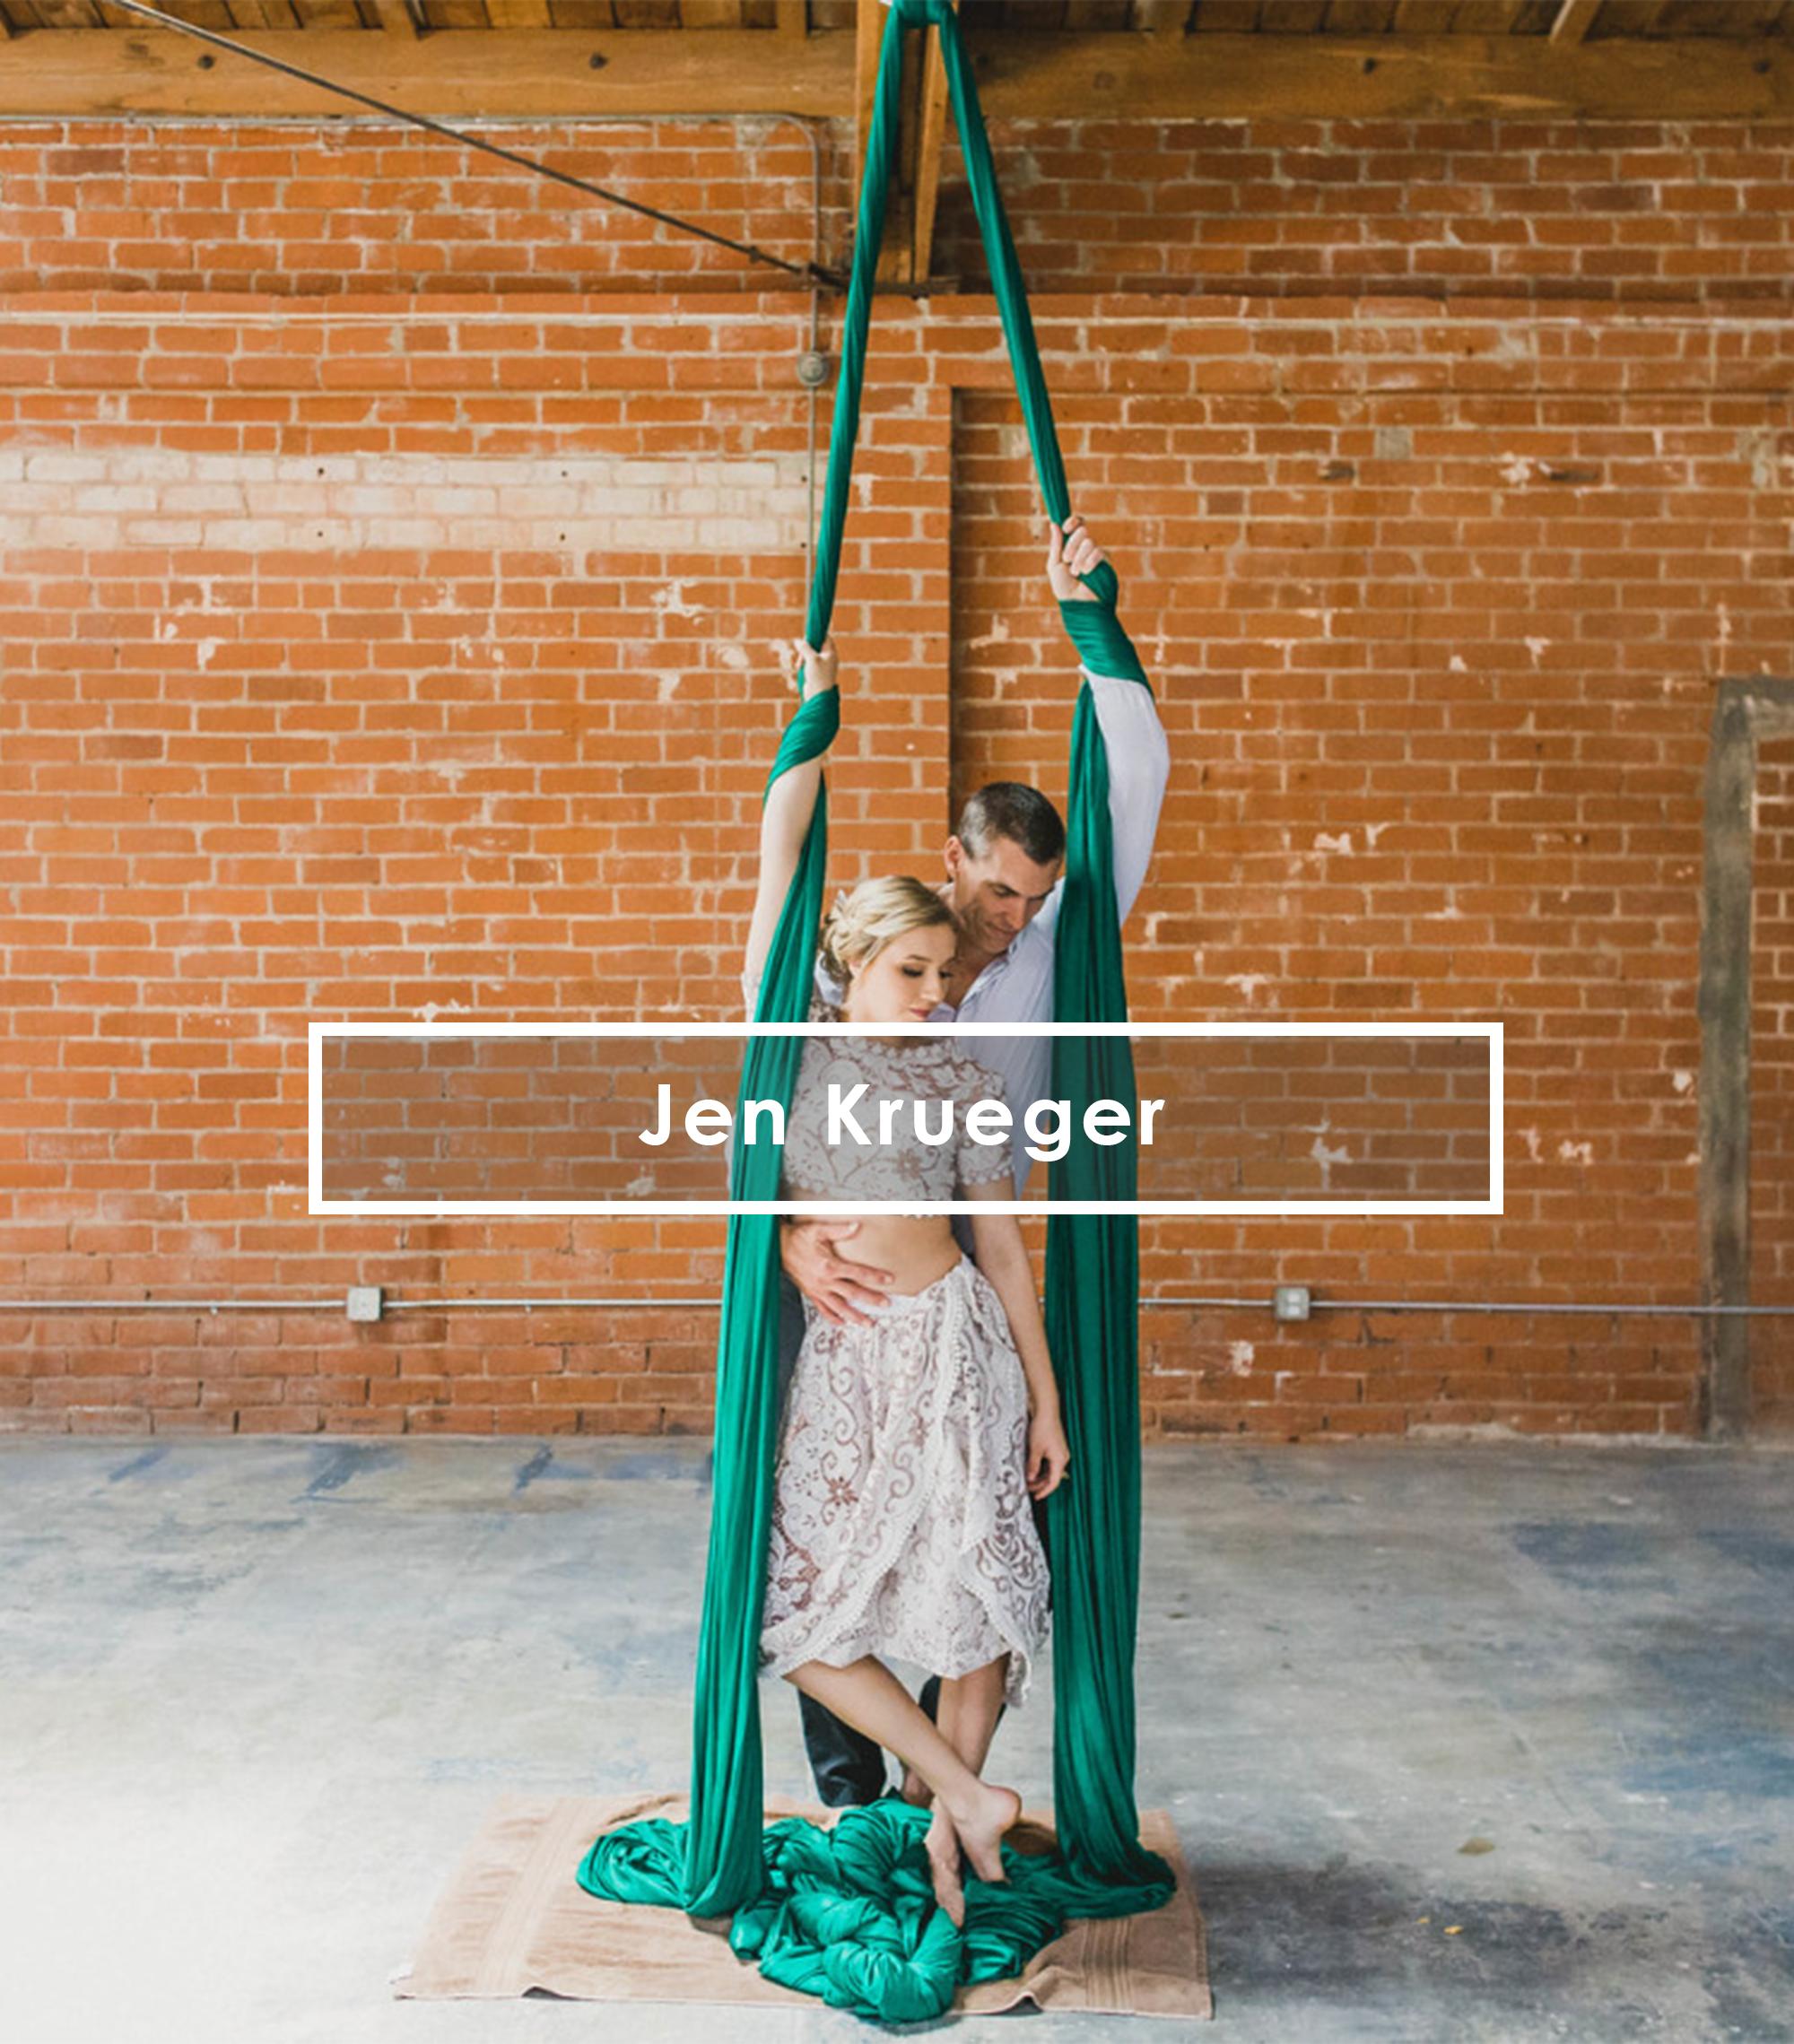 JenKrueger.jpg